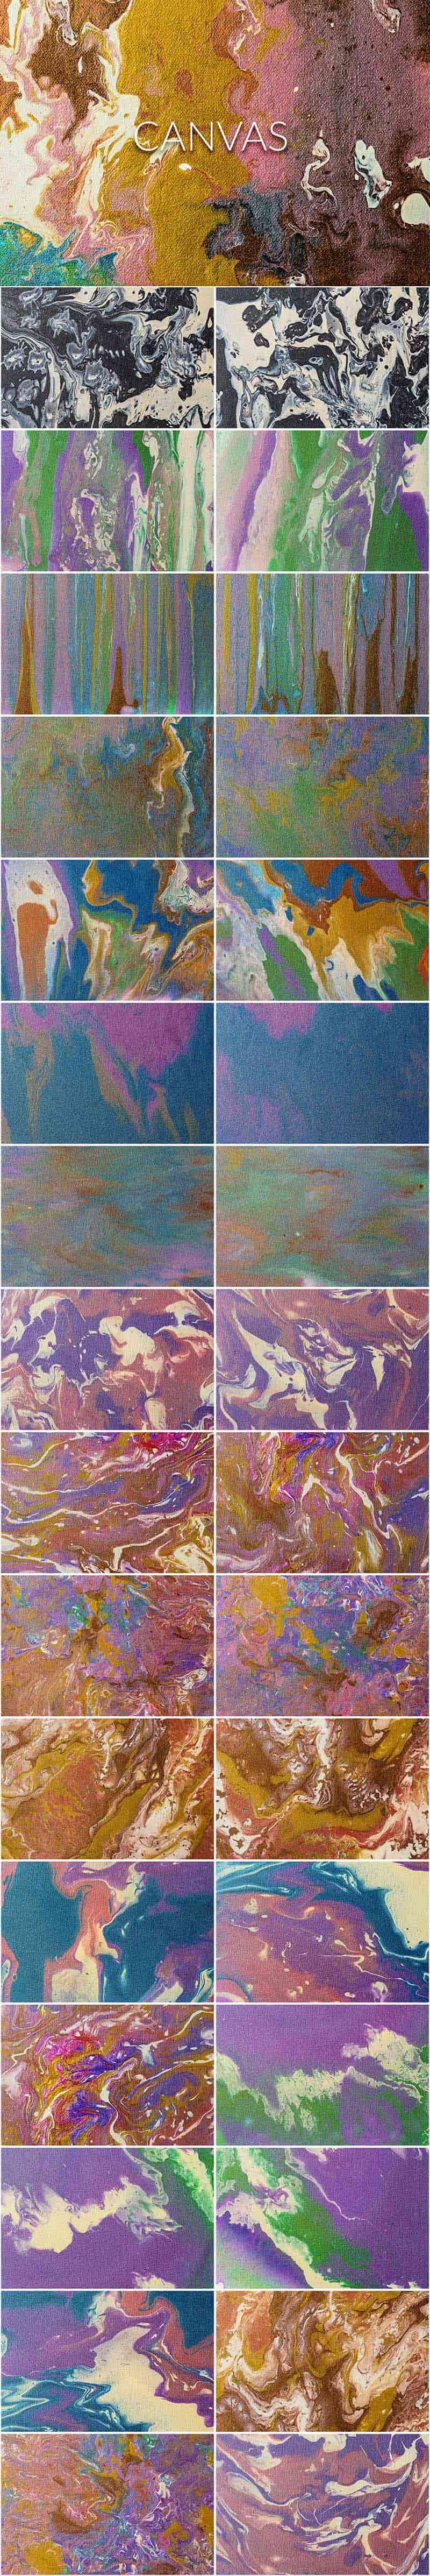 750+ Best Liquid Paint Backgrounds in 2020 - Liquid Paint Canvas PREVIEW min